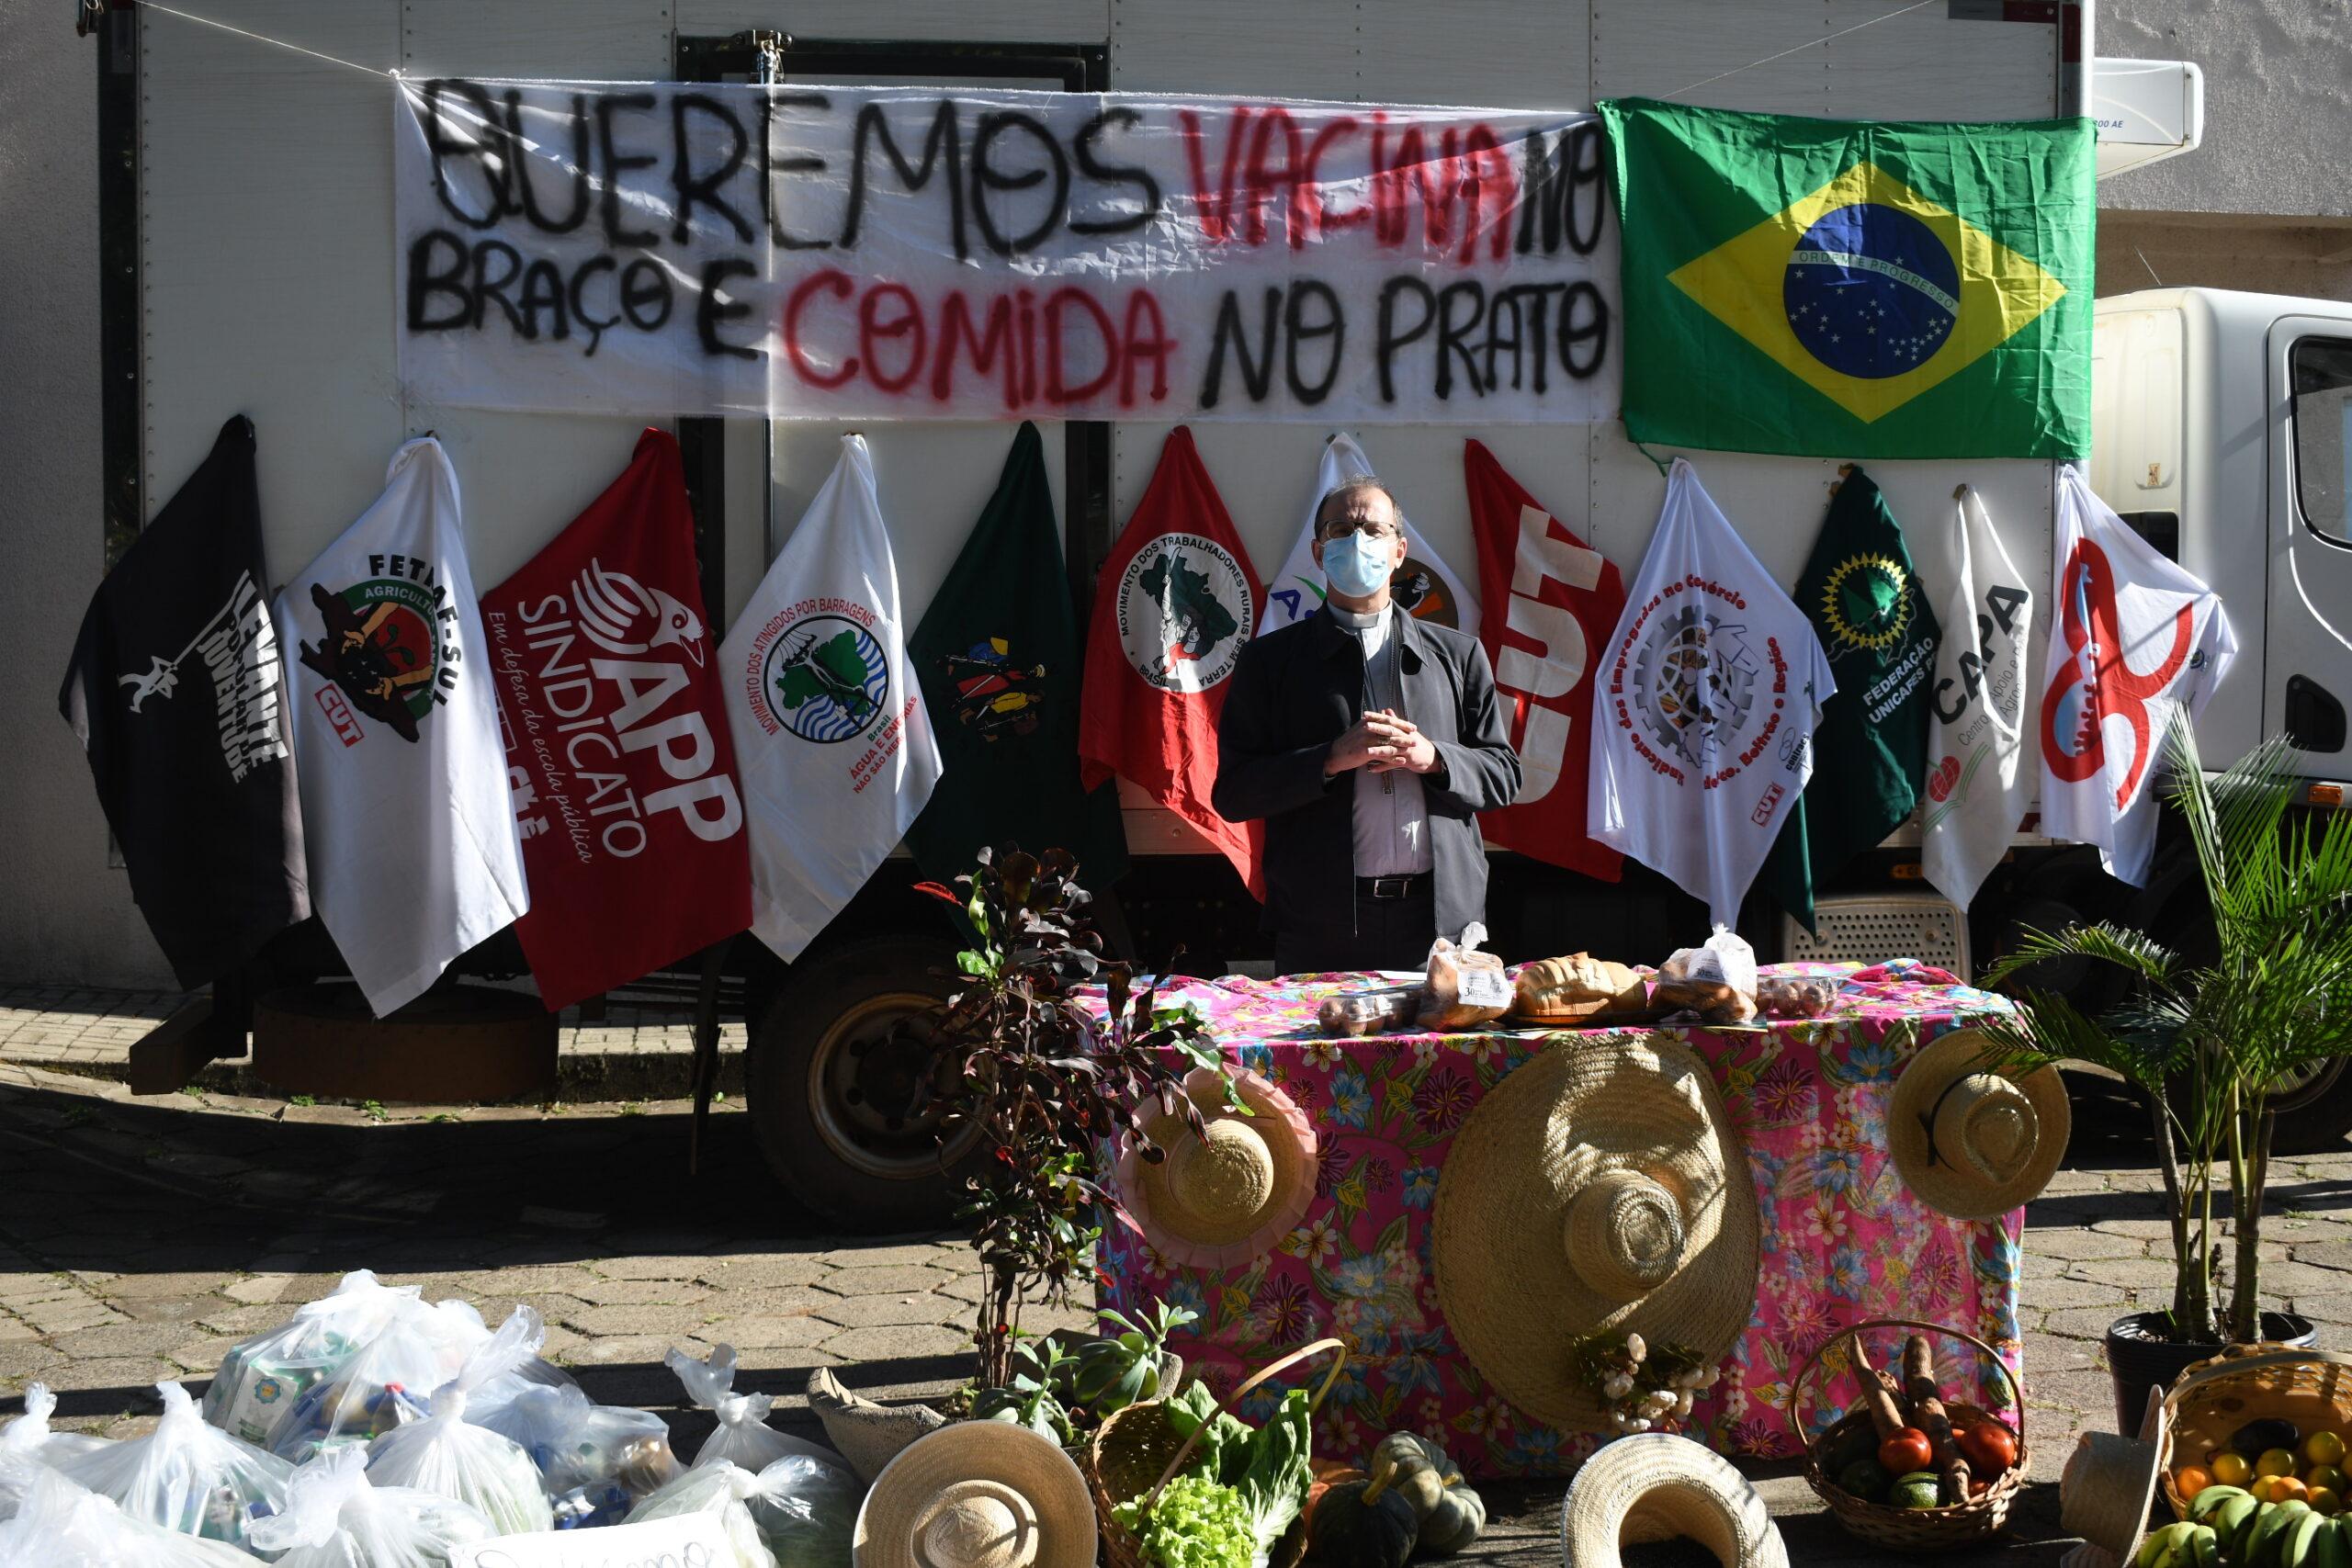 Fórum Regional do Sudoeste do Paraná entrega 7 toneladas de alimentos neste 1° de maio, dia do trabalhador e trabalhadora